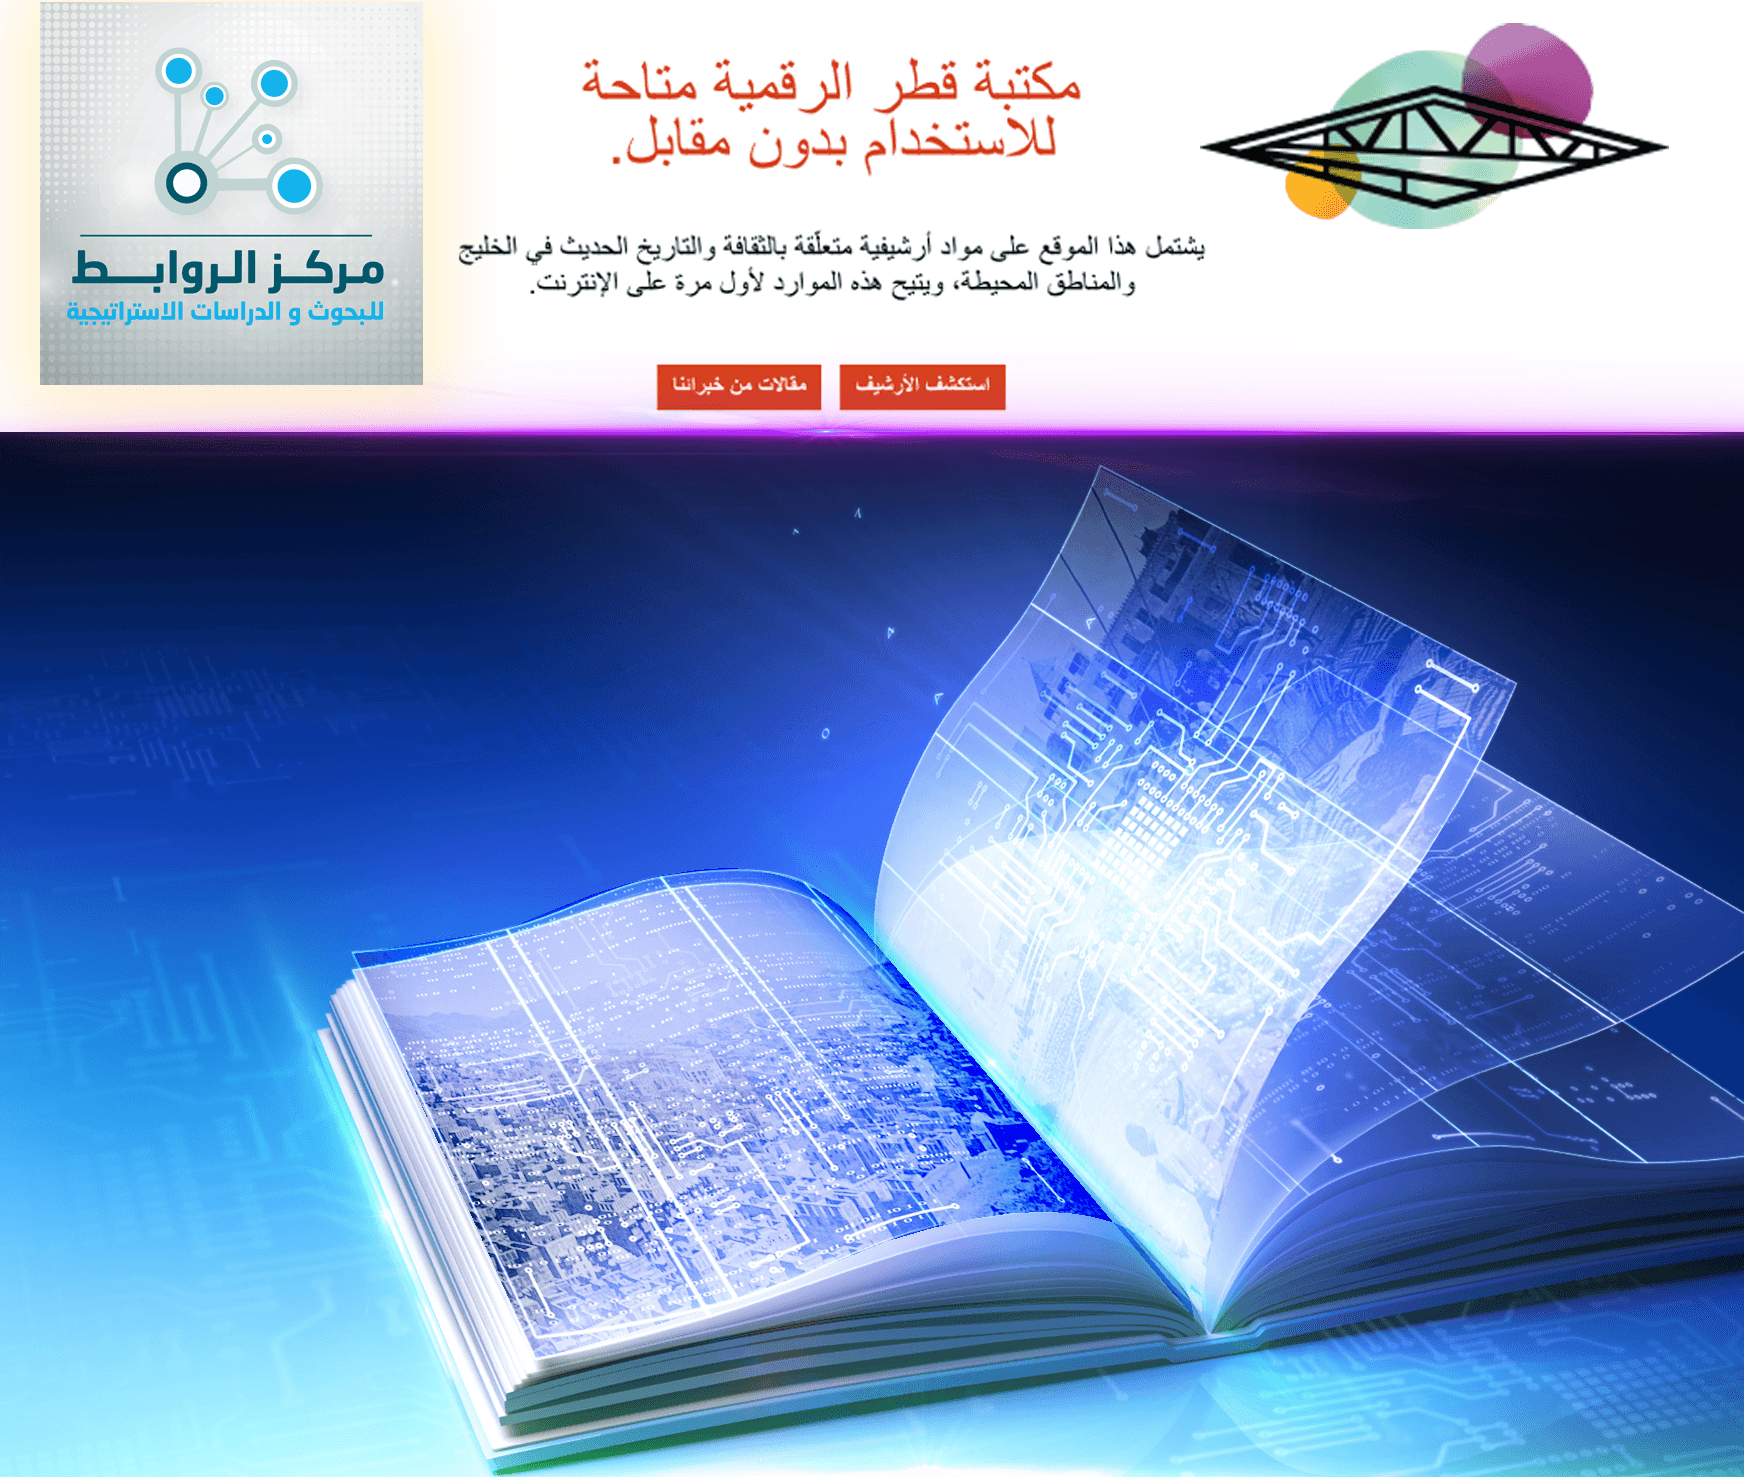 المكتبة الرقمية… دولة قطر تسير نحو المستقبل بخطى ثابتة